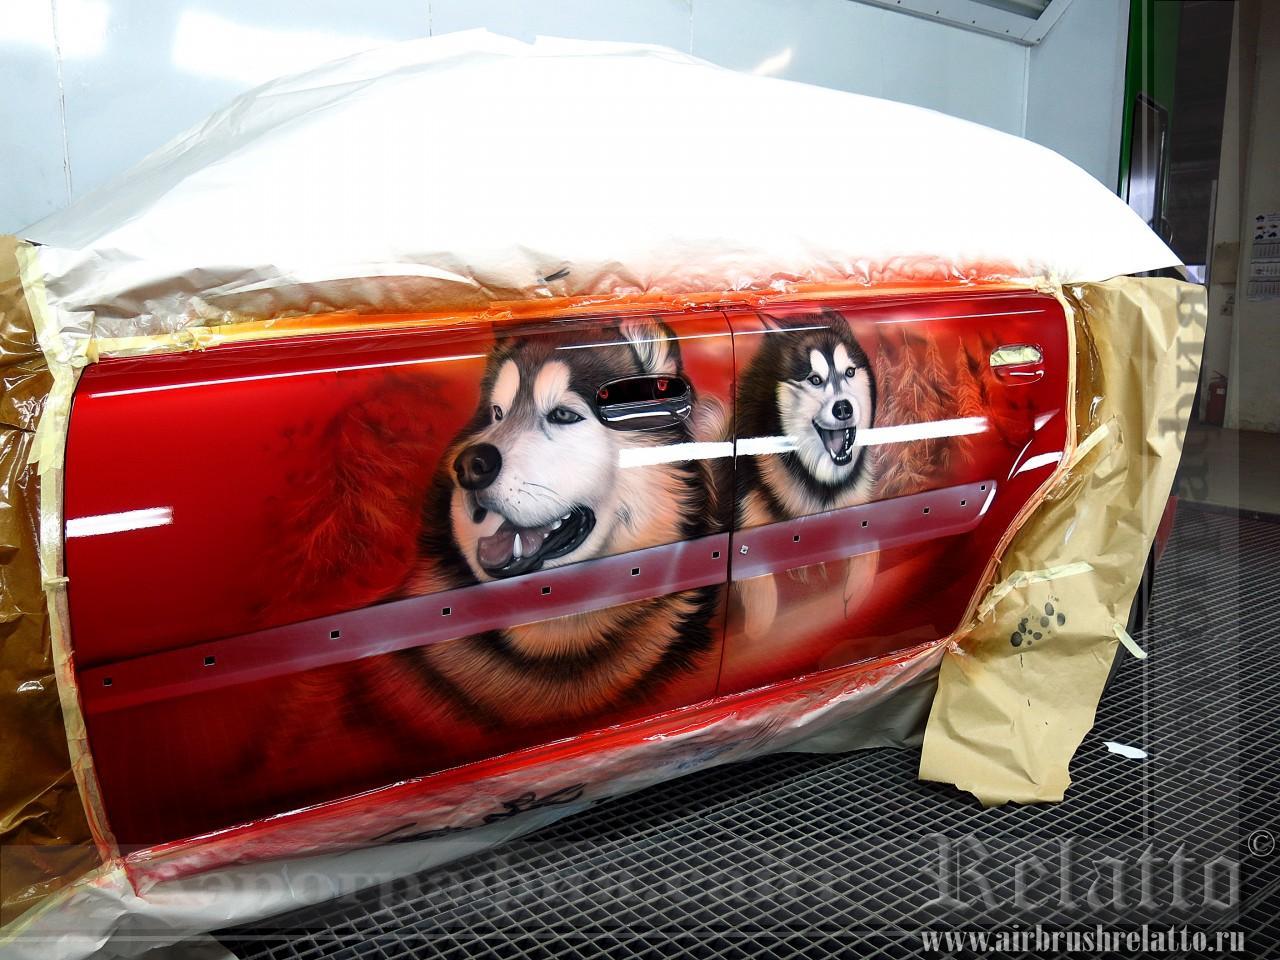 Аэрография на красном авто  Лайки